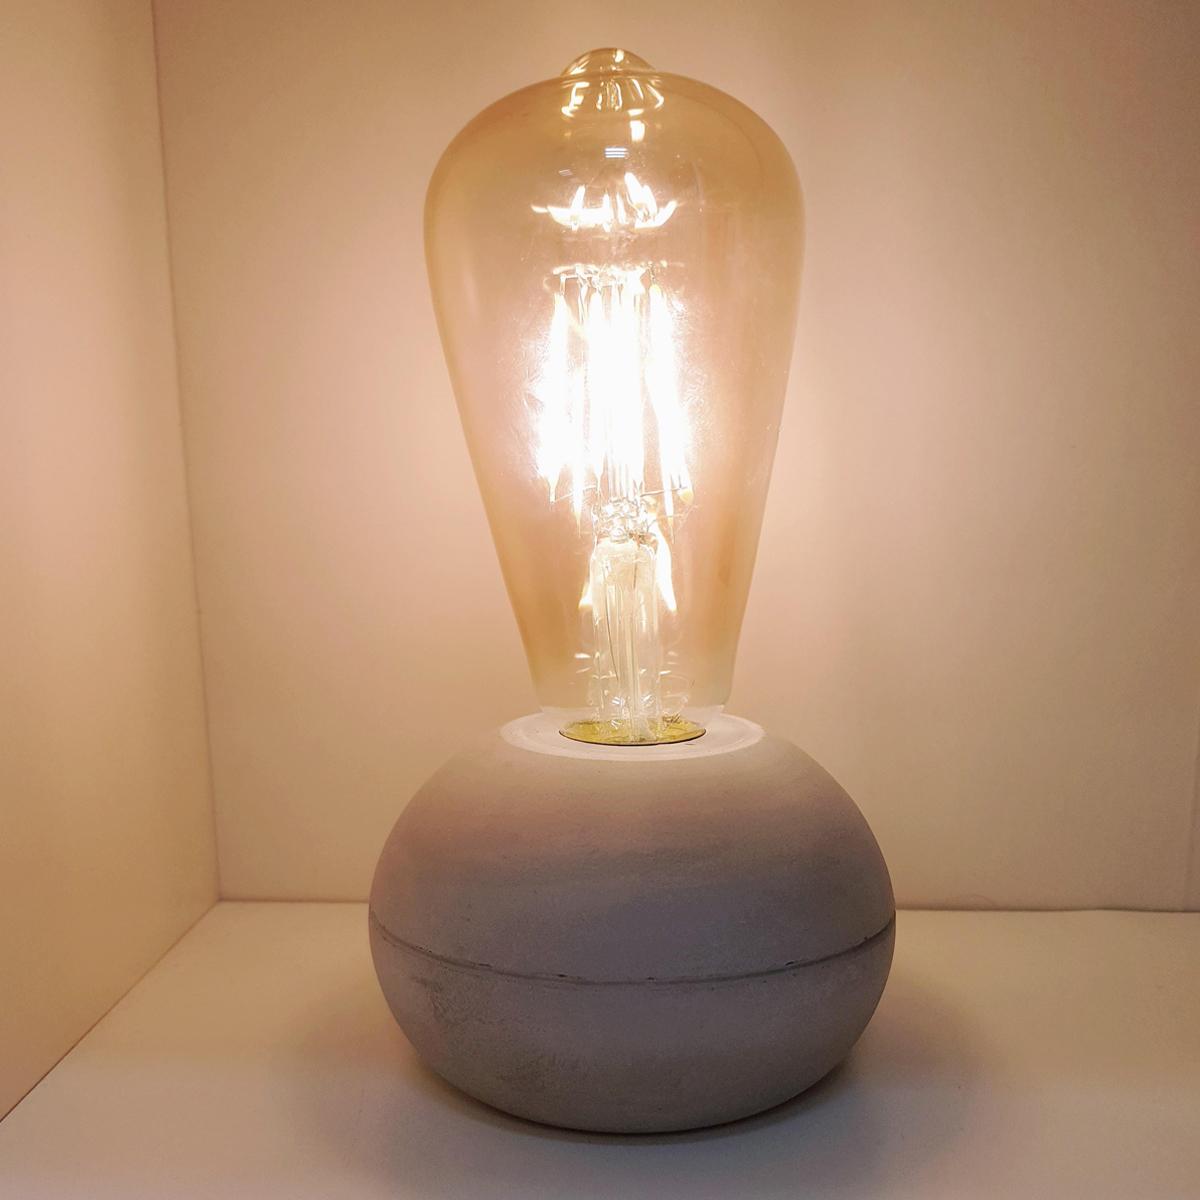 מנורה מעוצבת עם נורת LED - לונה